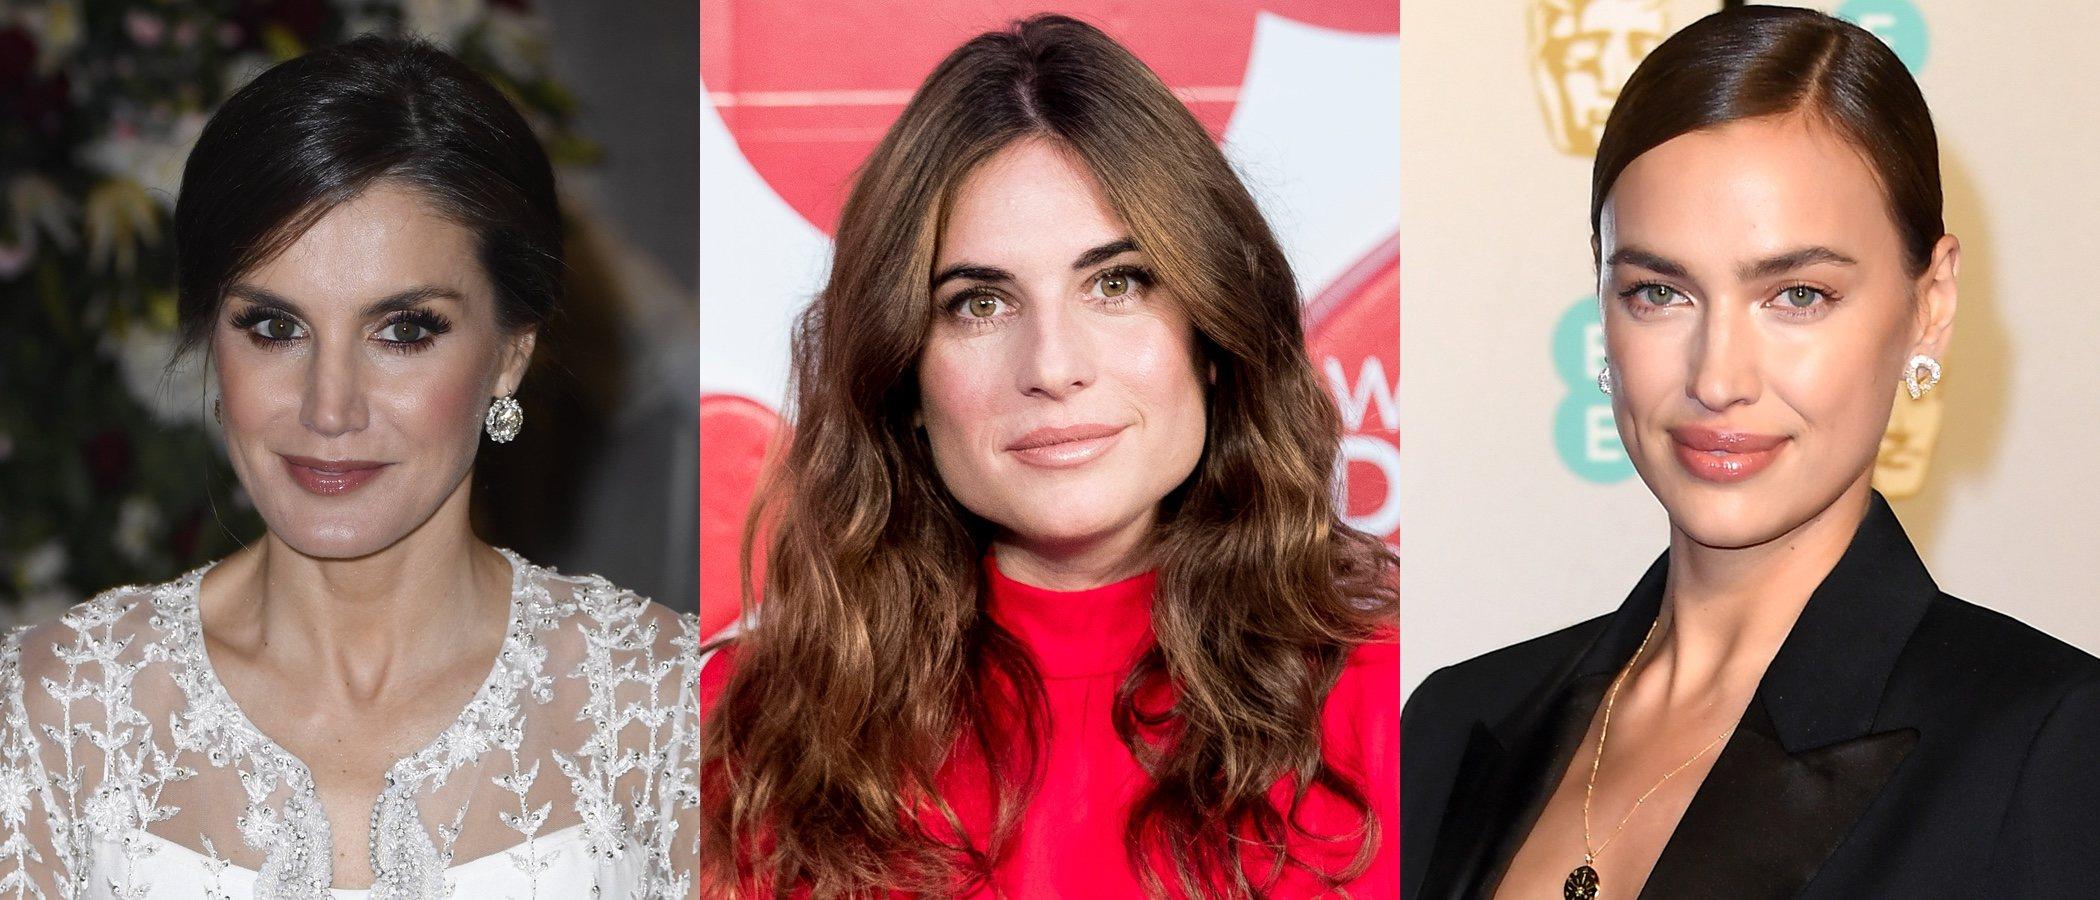 La Reina Letizia, Lourdes Montes e Irina Shayk, las celebrities que más brillan por sus beauty looks